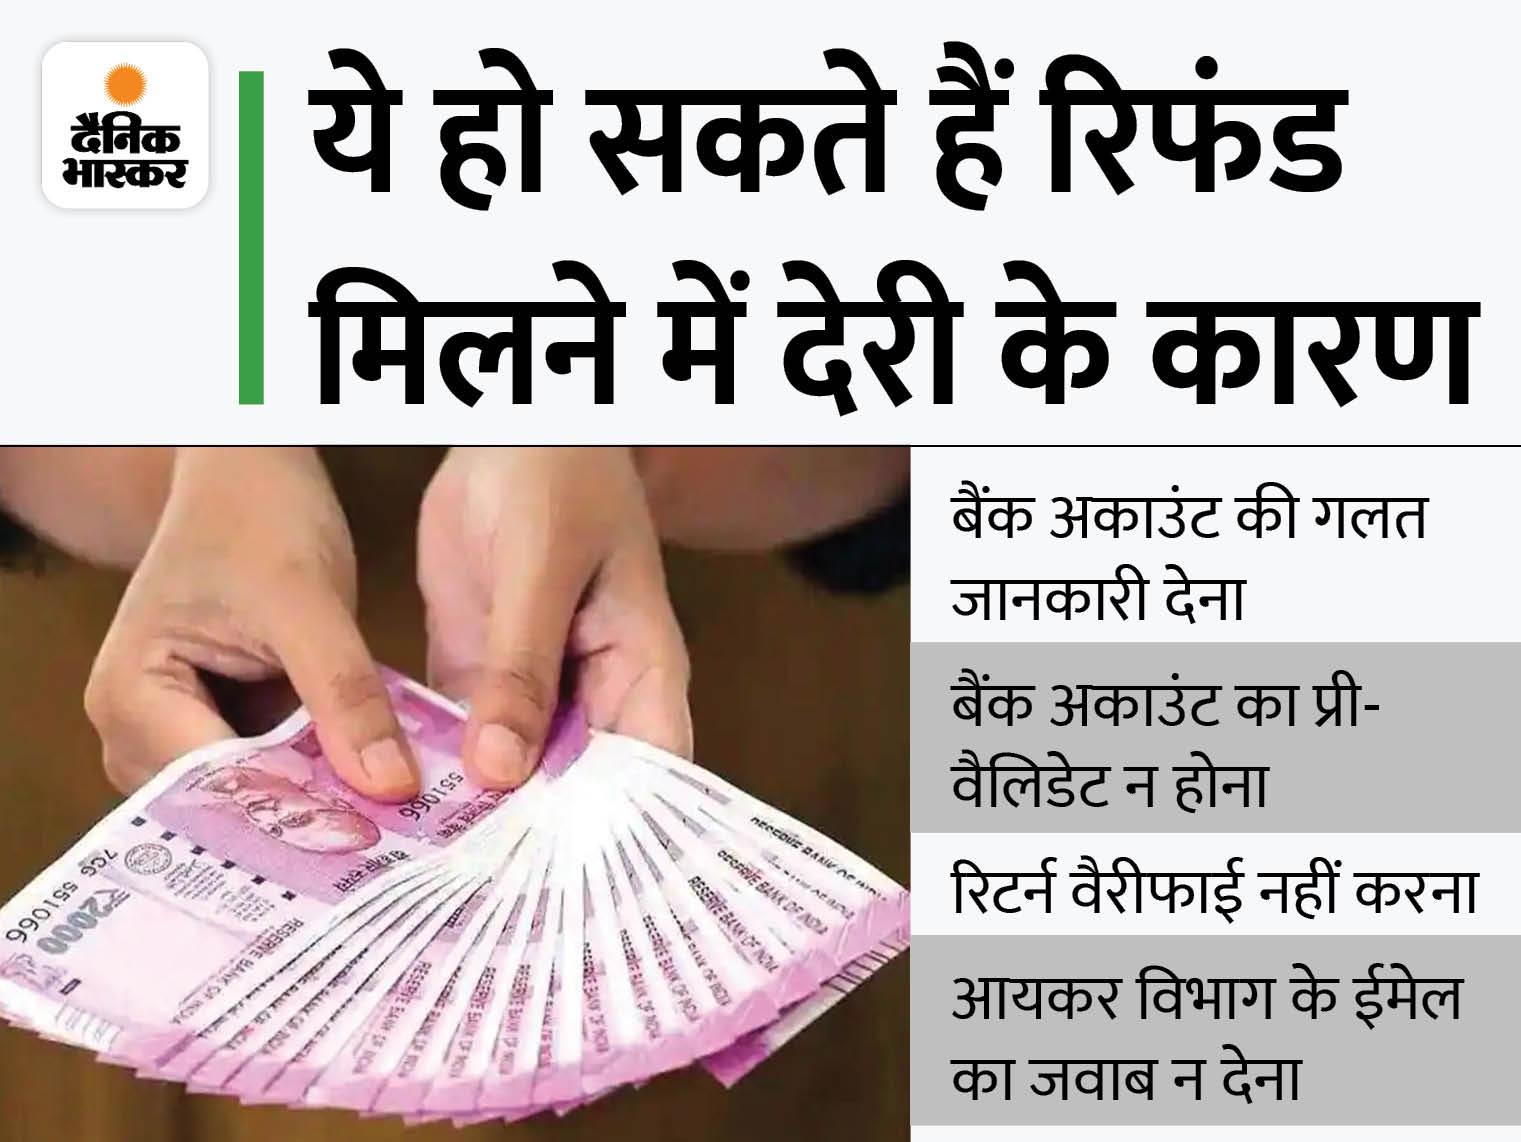 अब तक नहीं मिला है इनकम टैक्स रिफंड, बैंक अकाउंट की गलत जानकारी या प्री-वैलिडेट न होना हो सकती इसकी वजह|बिजनेस,Business - Dainik Bhaskar